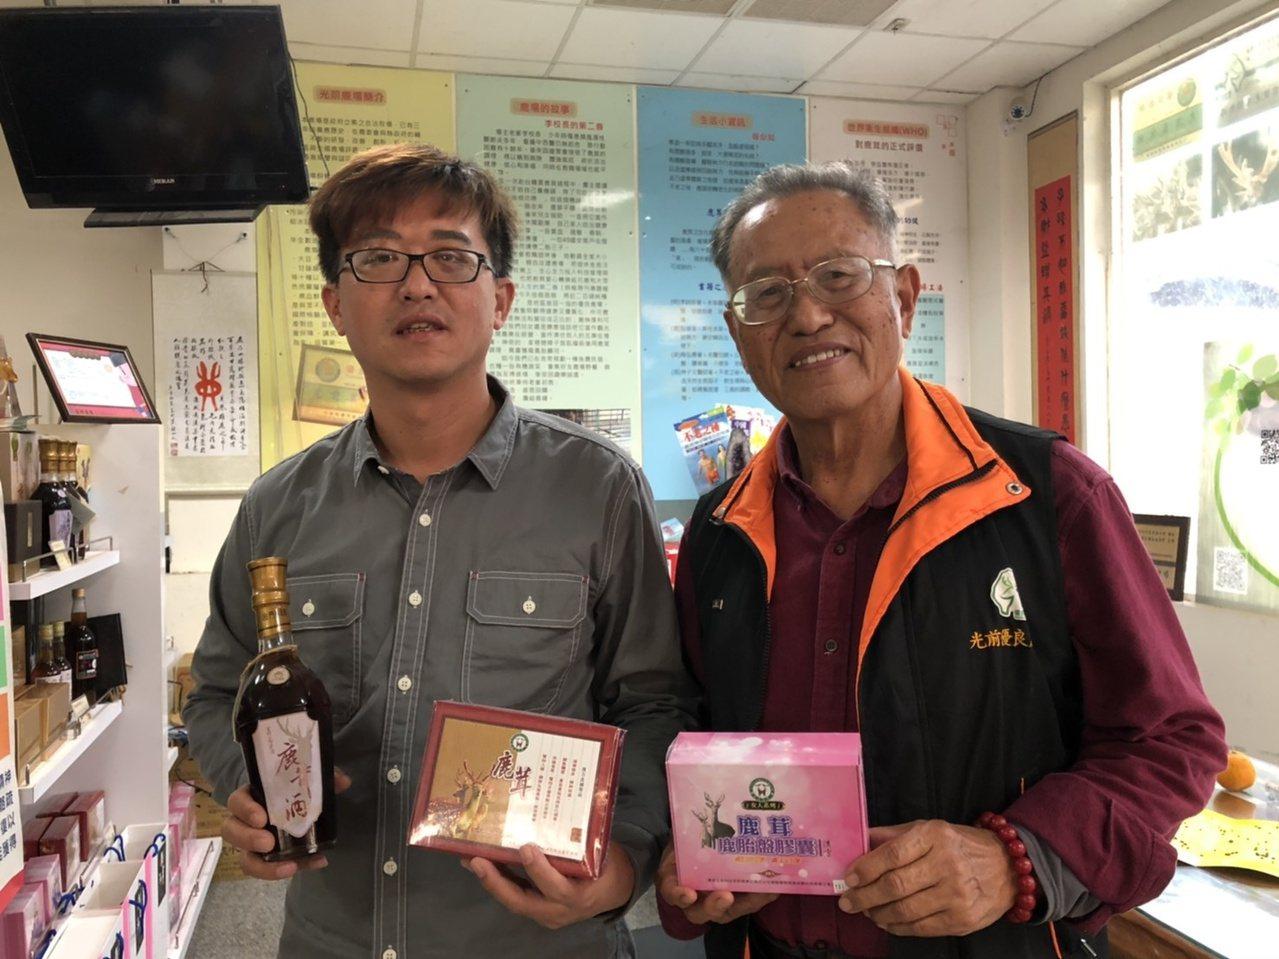 退休校長李根樂(右)轉職為「養鹿達人」,並在兒子李鍾靈的協助下,父子攜手開發了將...